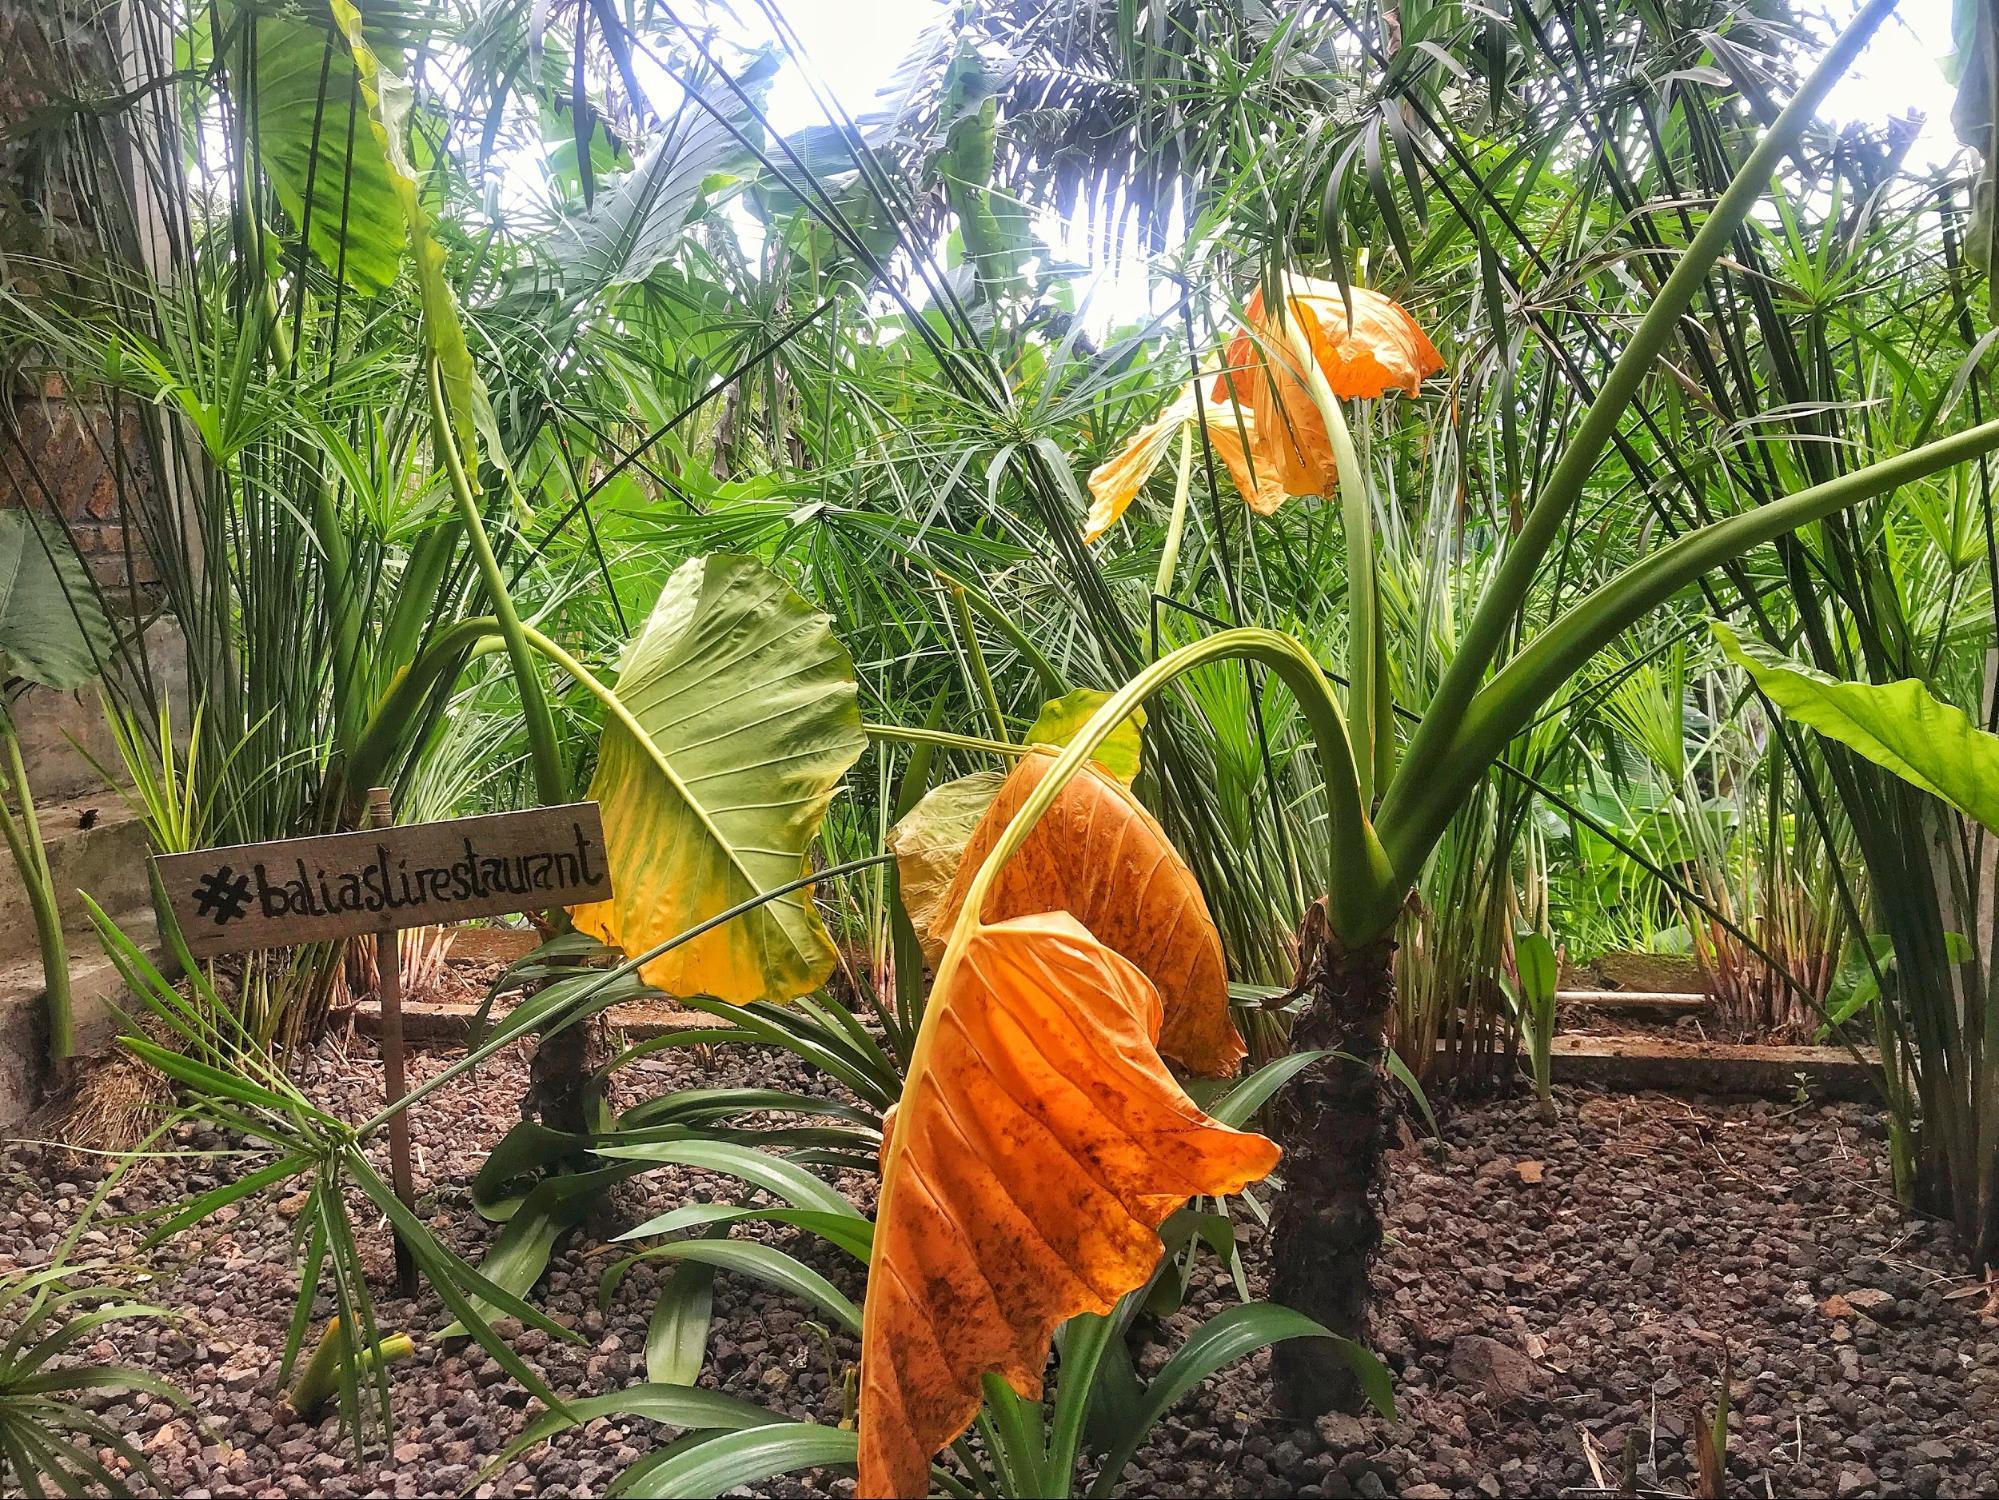 cây cảnh trong nhà hàng Bali Asli